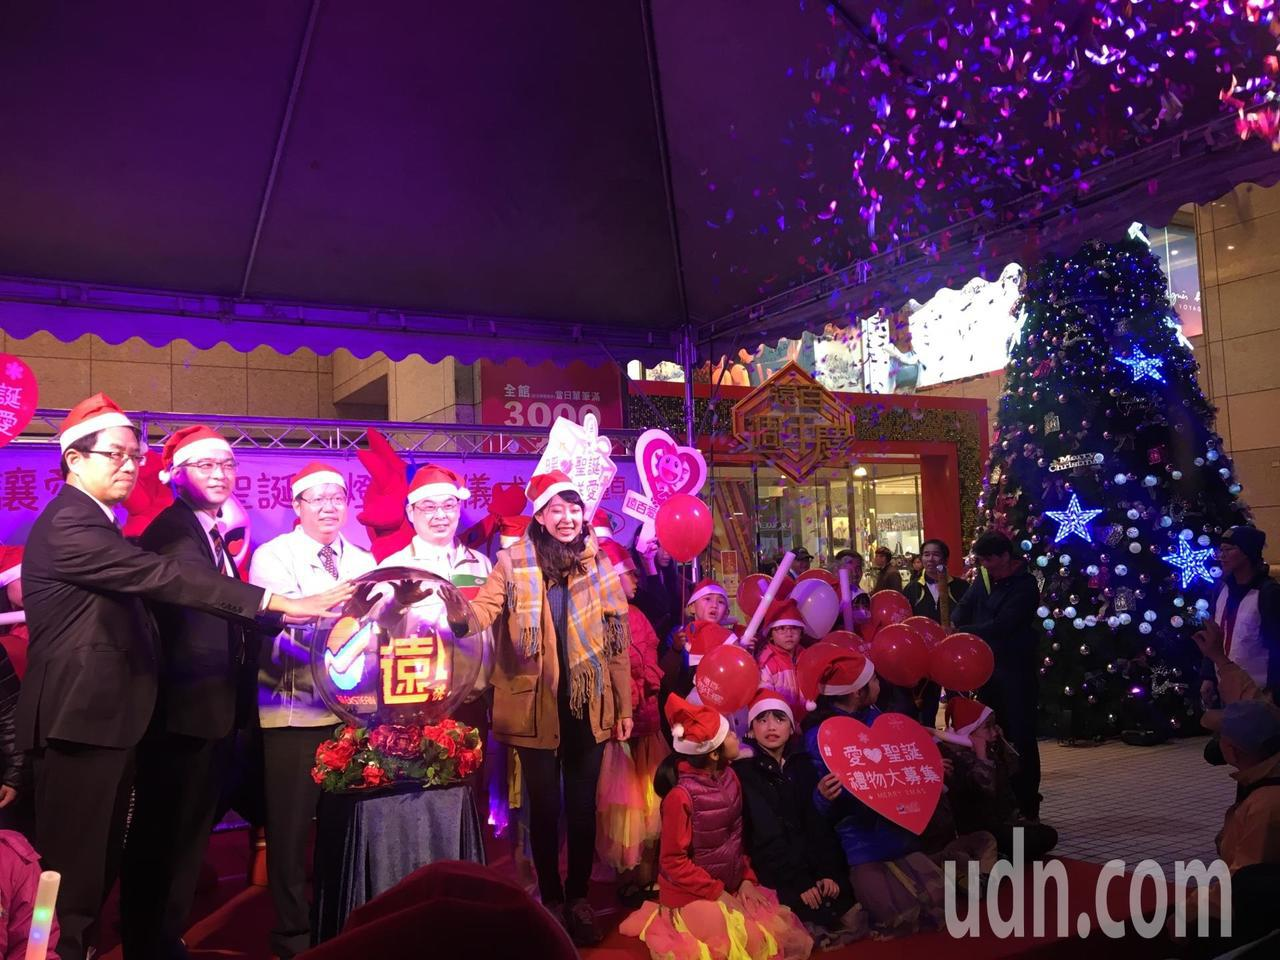 耶誕節就快到了,桃園遠東百貨今年適逢50周年,在桃園站前打造高7公尺的巨型耶誕樹...